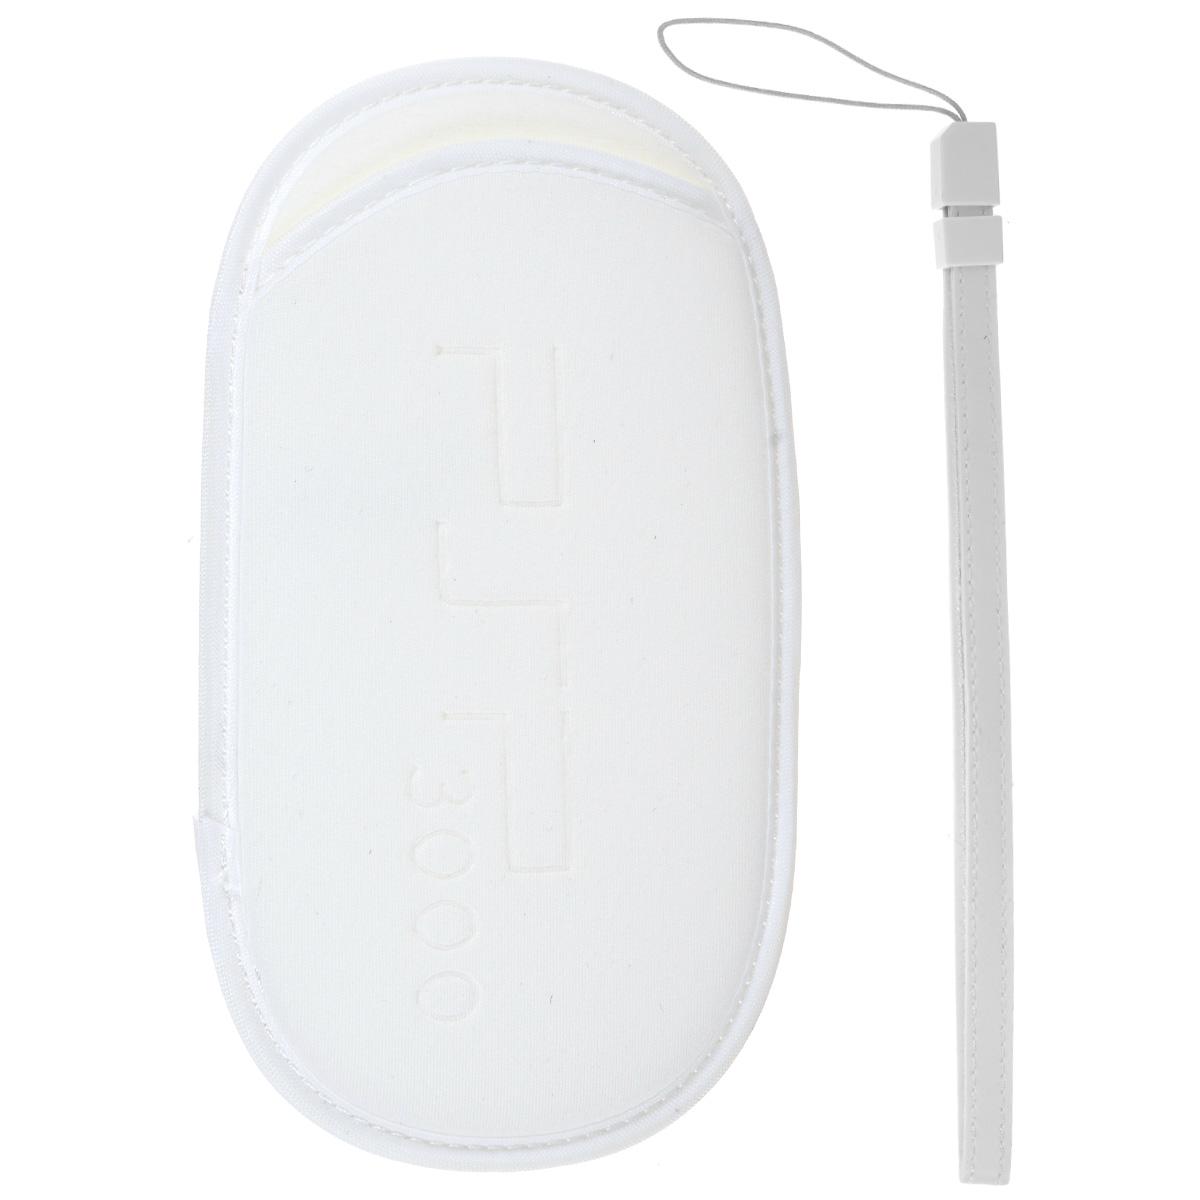 Чехольчик + ремешок Game Guru для Sony PSP 2000/3000 (белый)PSP2000-Y007Мягкий чехол Game Guru для PSP 2000/3000 сбережет вашу консоль от ударов, царапин и других внешних повреждений. Чехол выполнен из высококачественного материала, а внутренняя отделка - из синтетики. В комплект также входит ремешок для удобной переноски.